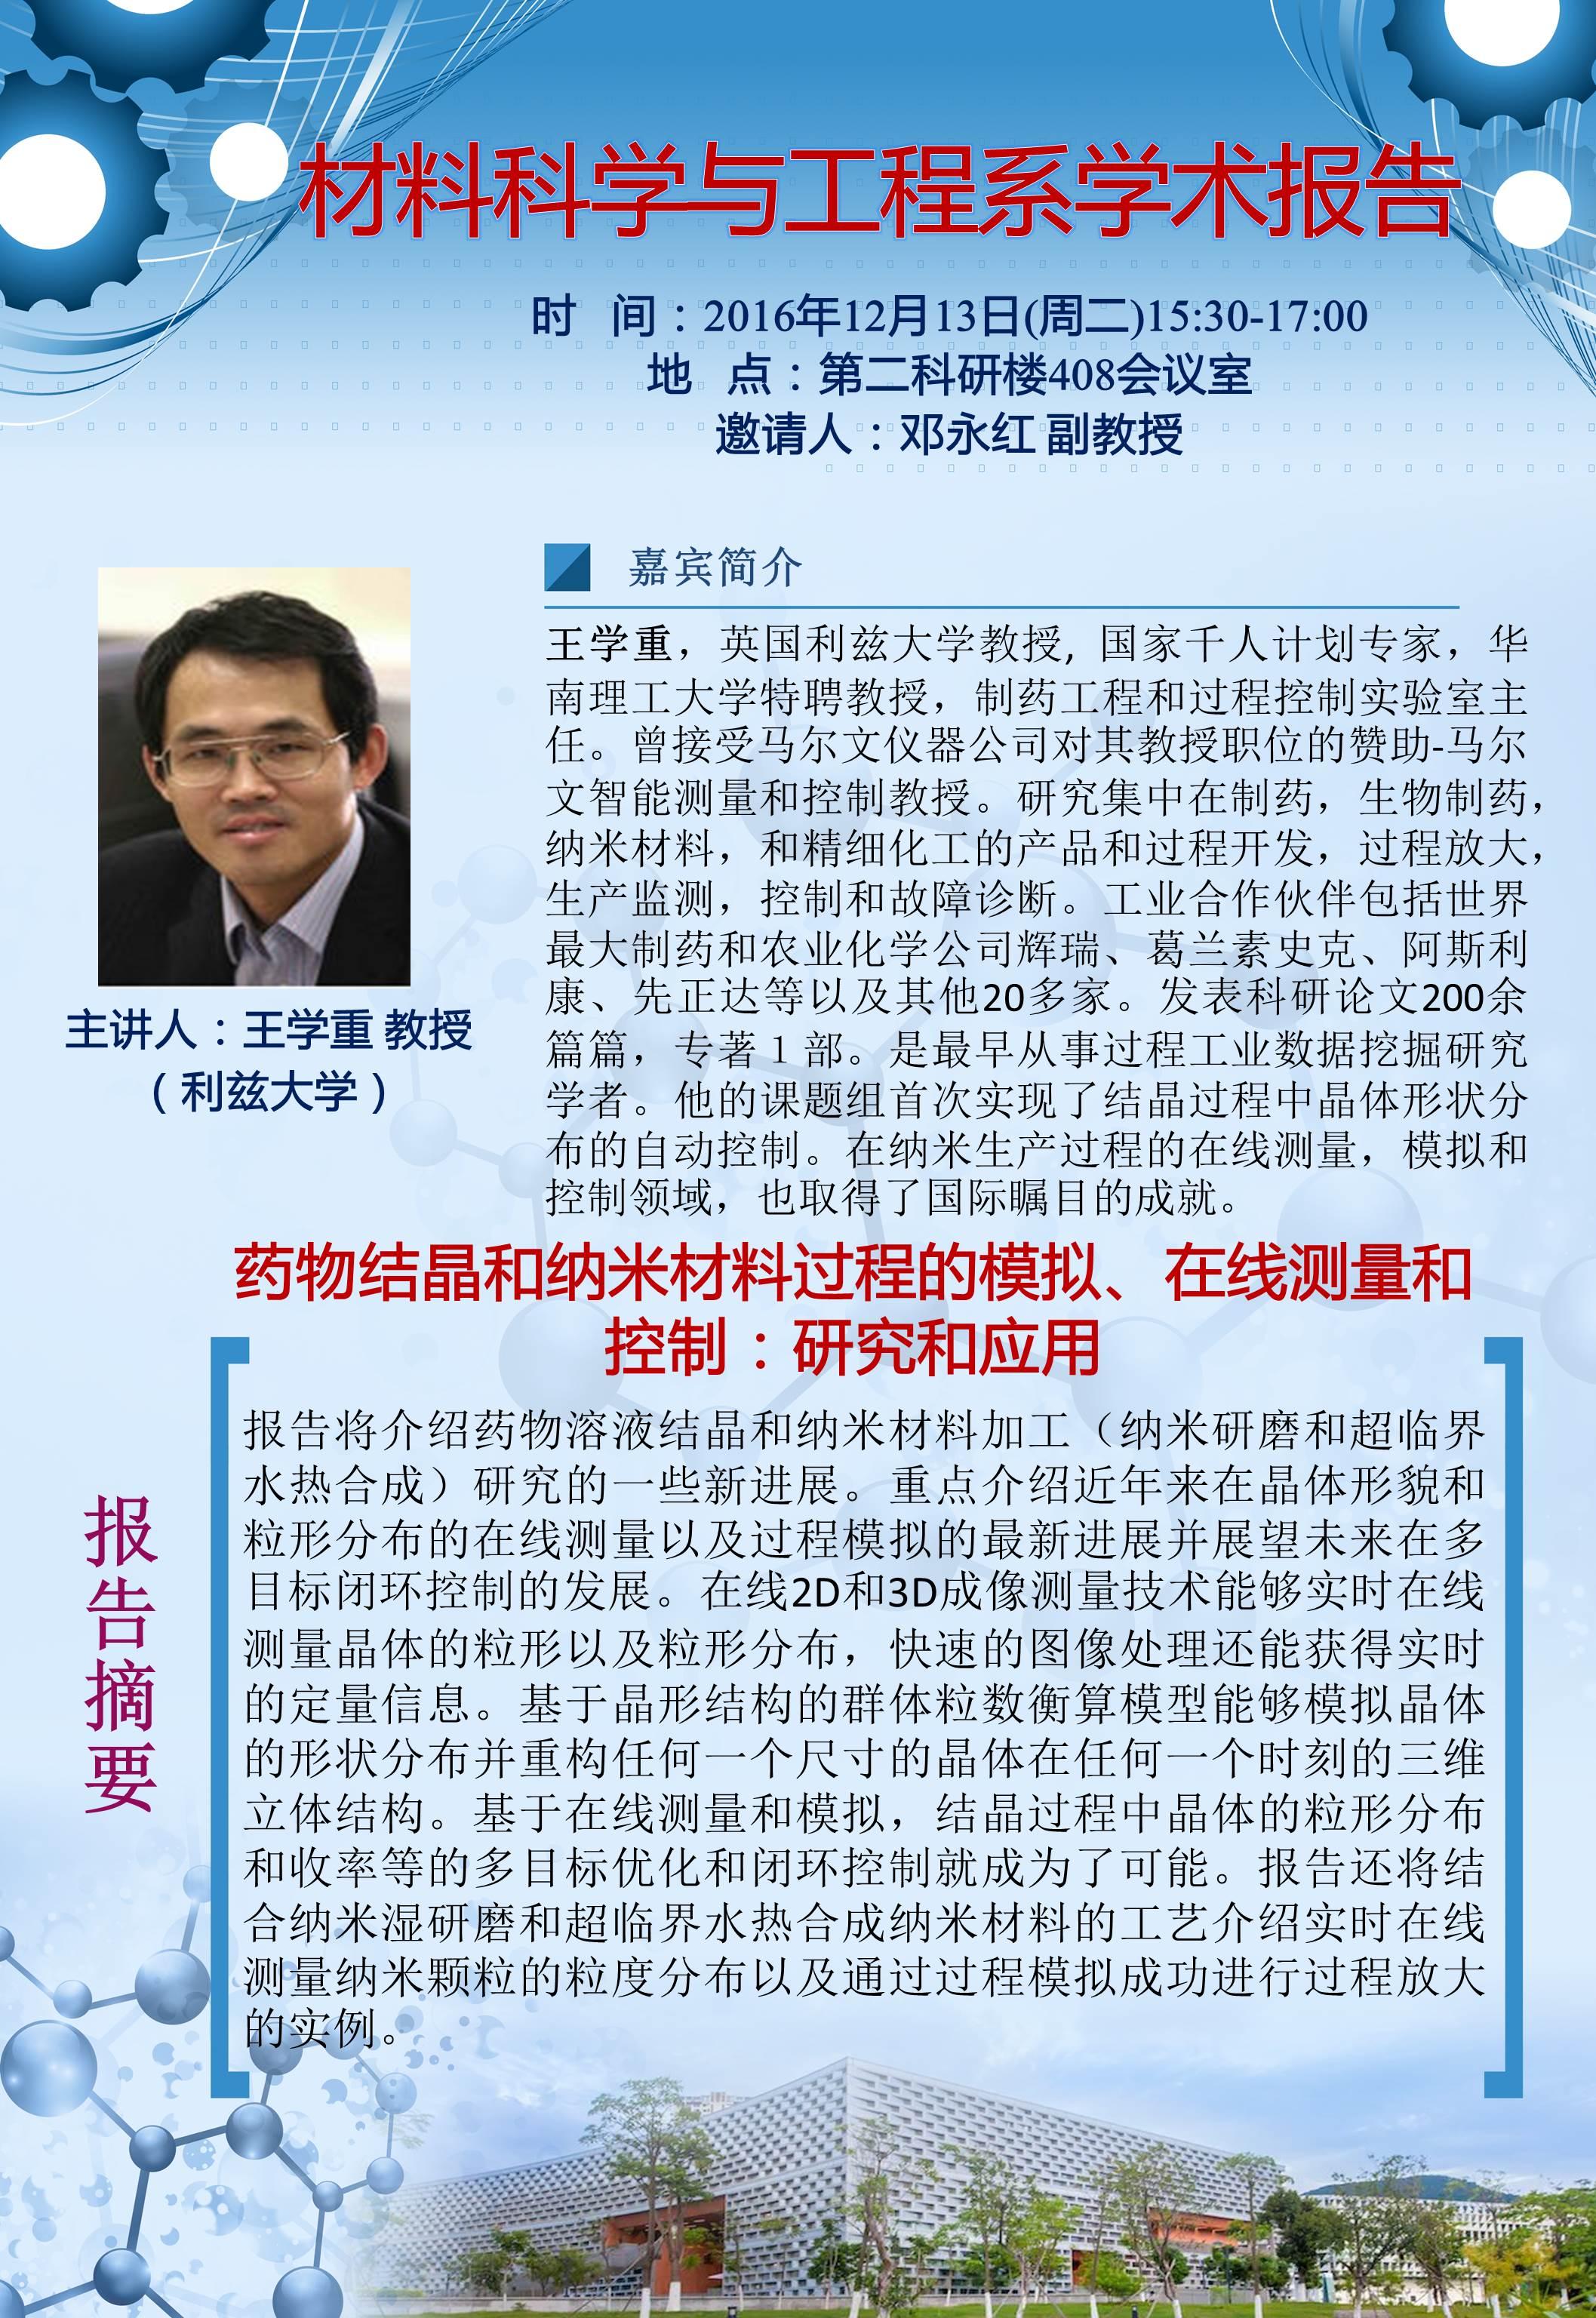 2016年12月14日材料系學術報告---王學重教授.jpg